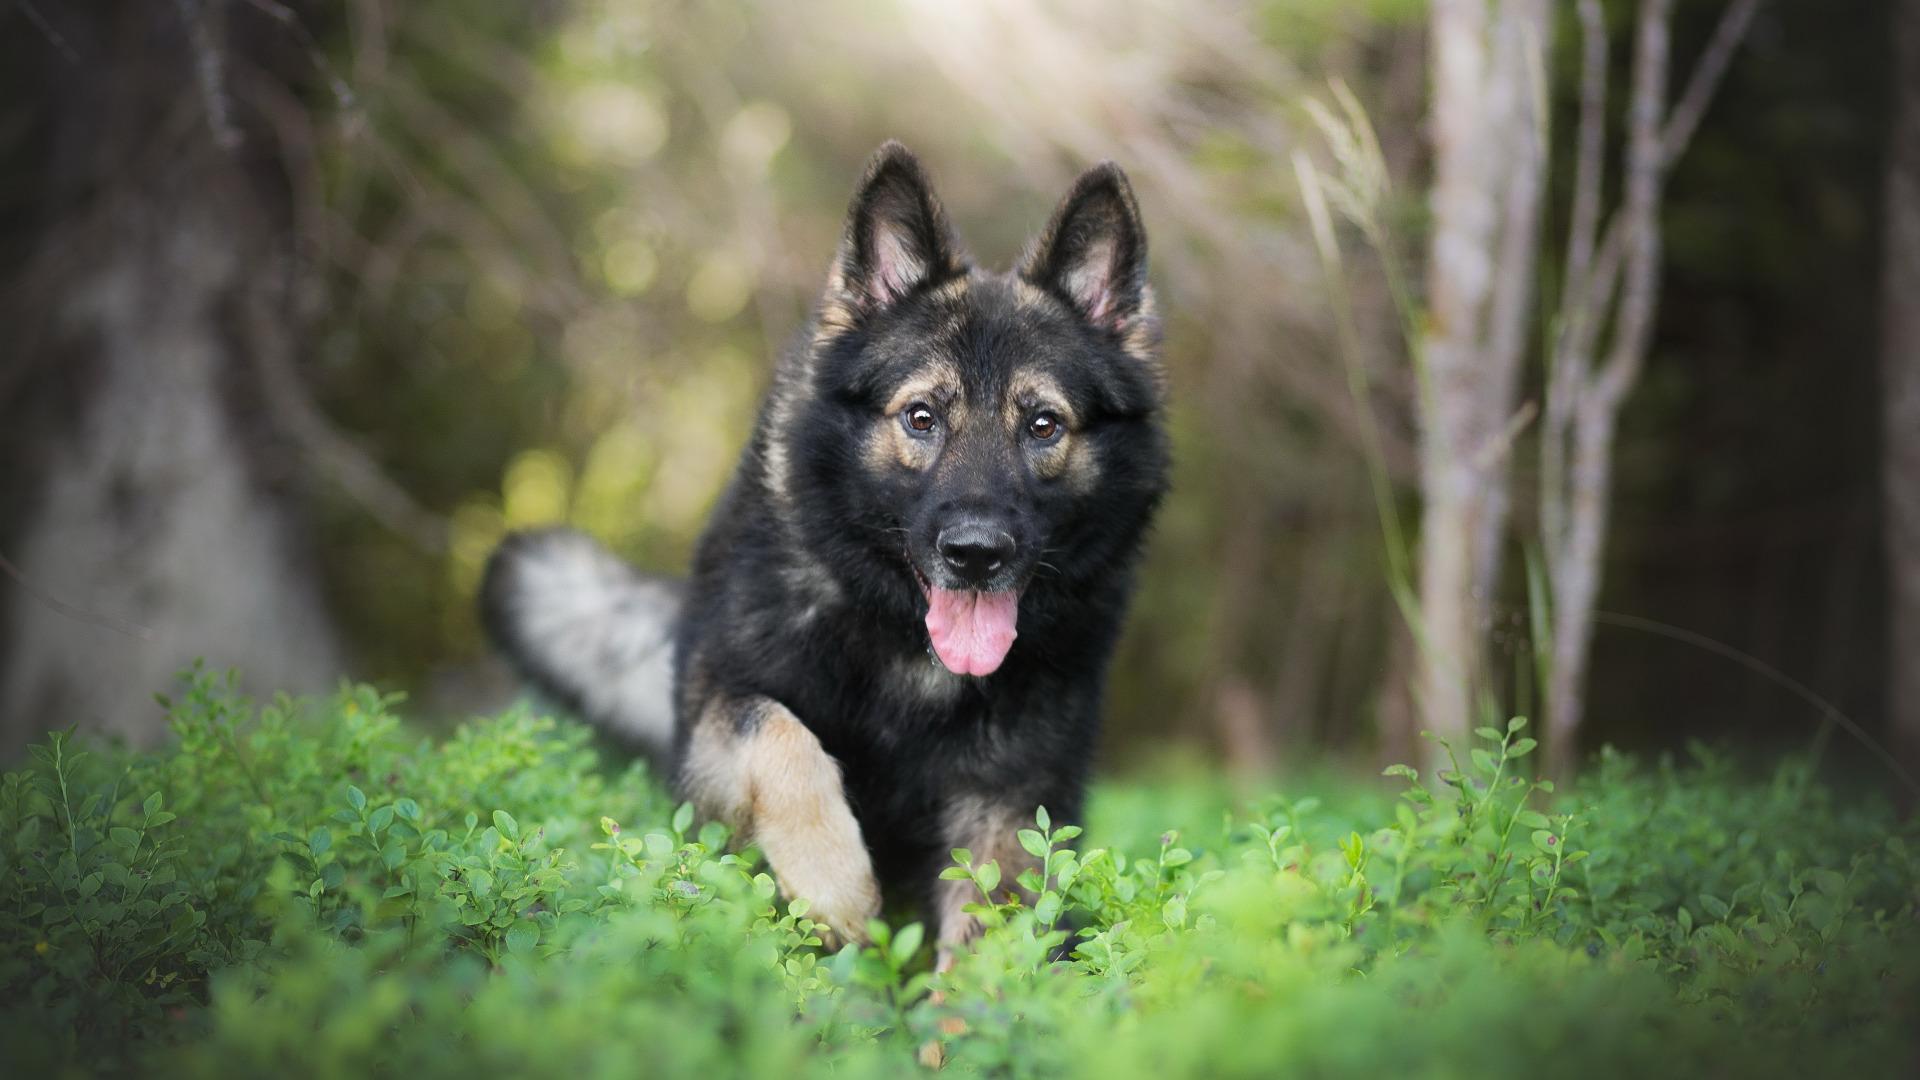 природа животные собака немецка овчарка nature animals dog the German shepherd  № 1004504 бесплатно